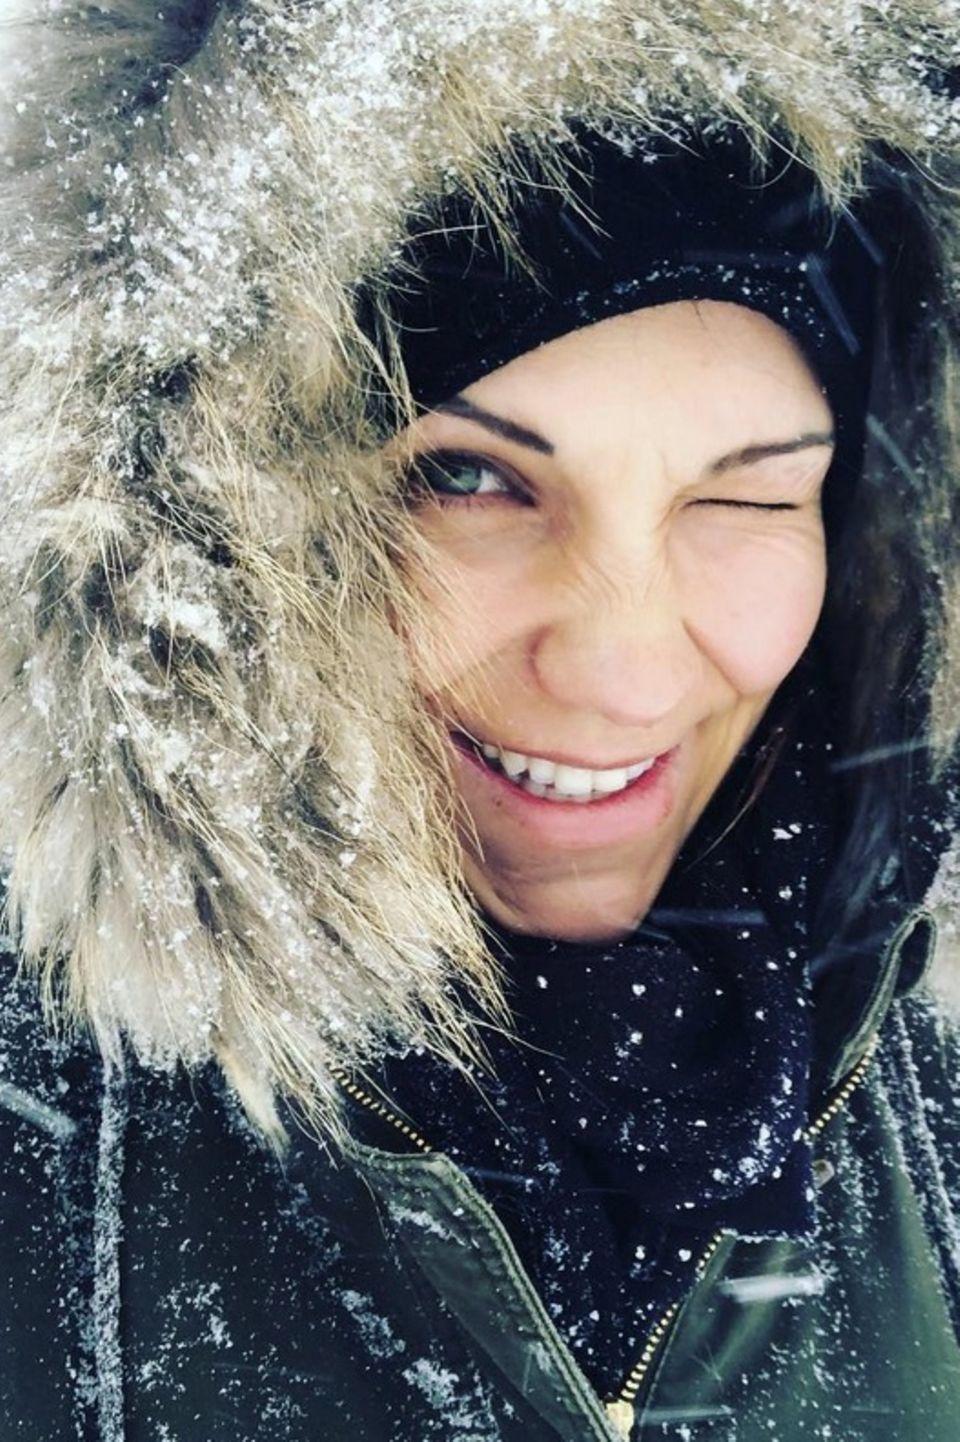 Dick eingepackt, aber happy sendet Sängerin Anna-Maria Zimmermann Grüße aus dem verschneiten Tirol.